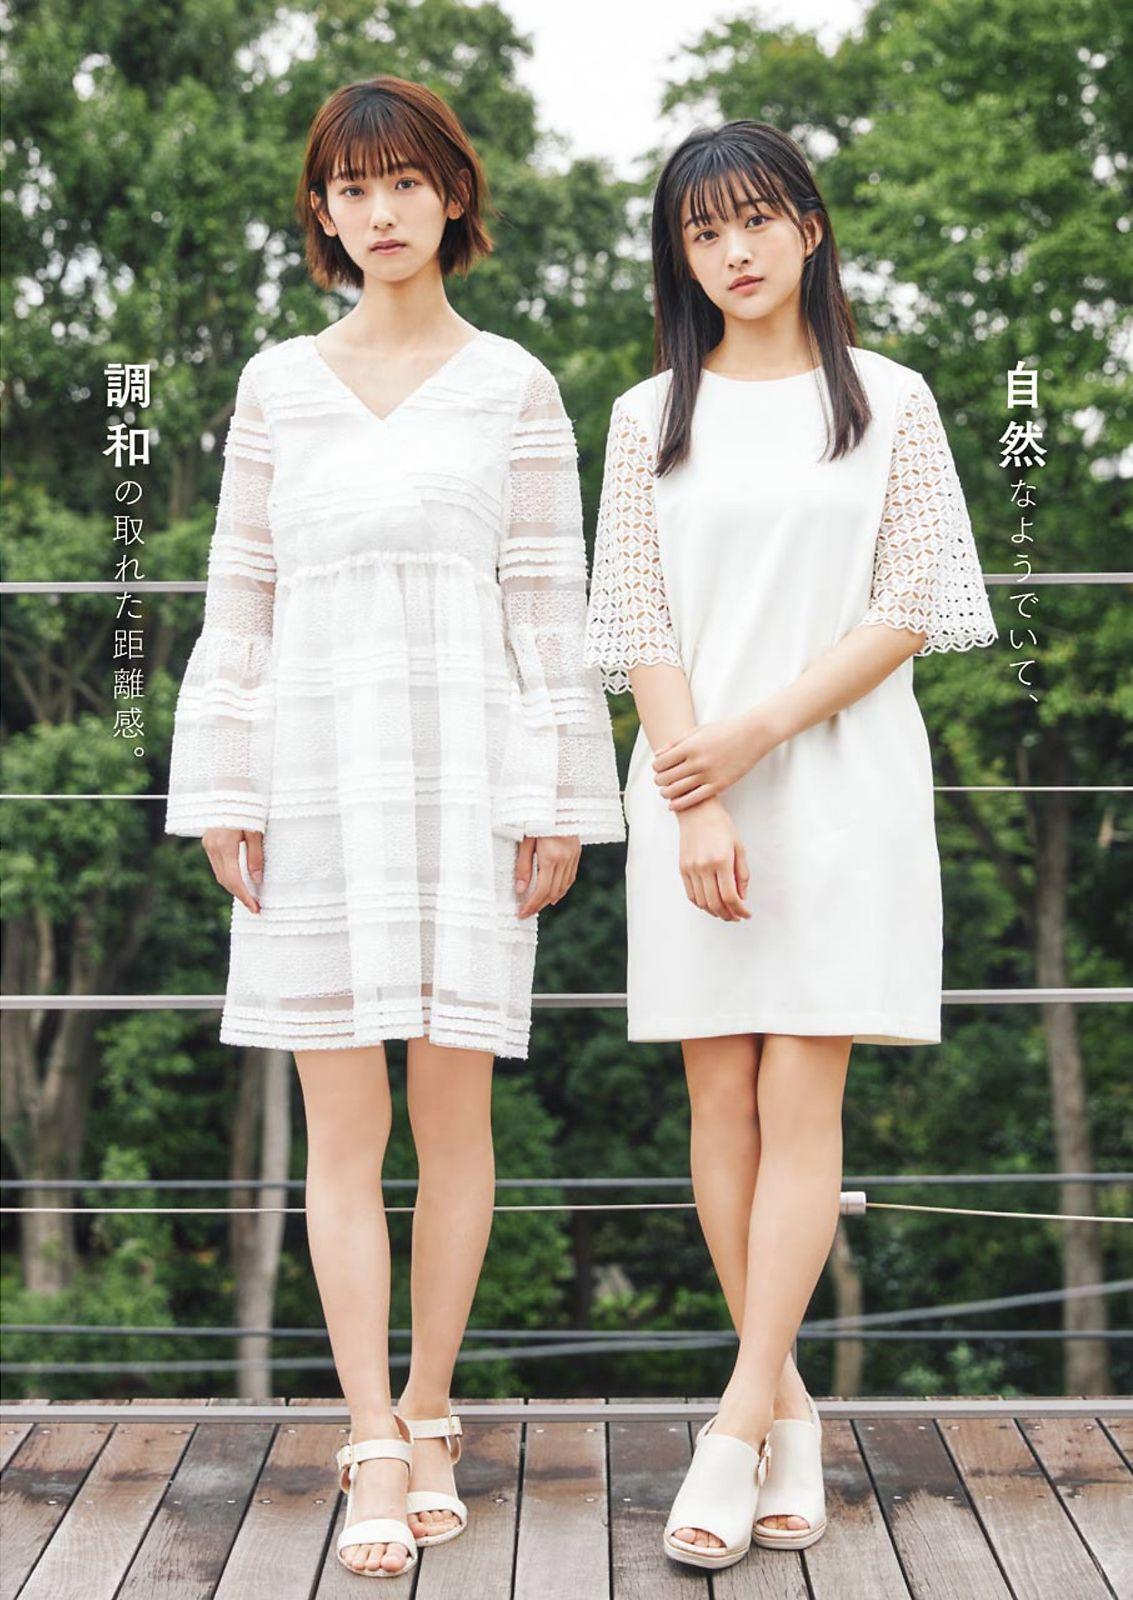 樱坂46 Young Gngan 09_1